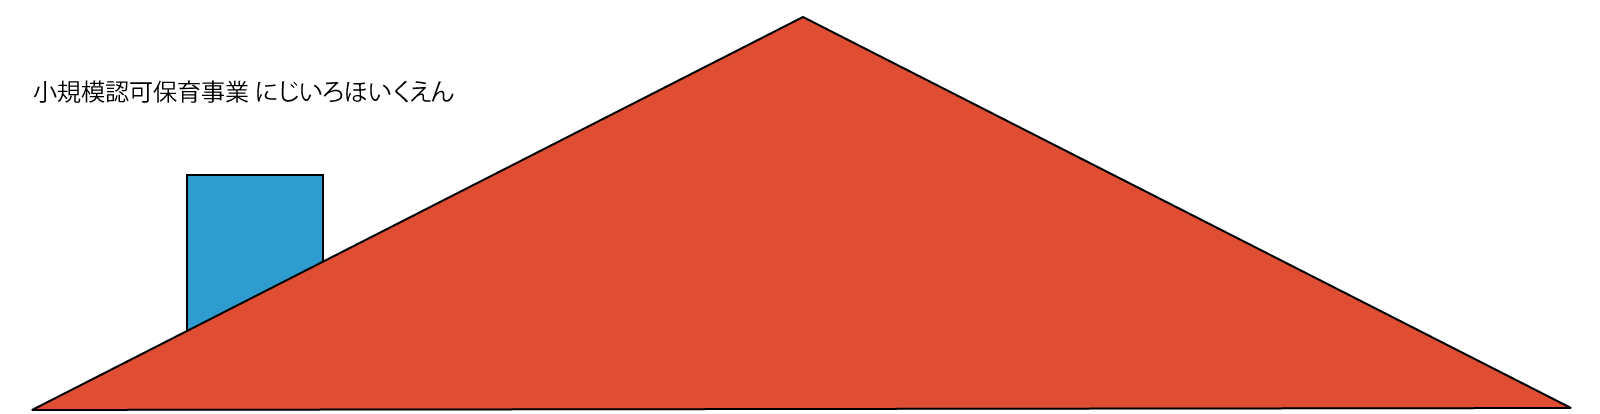 advertica-default-slider-image